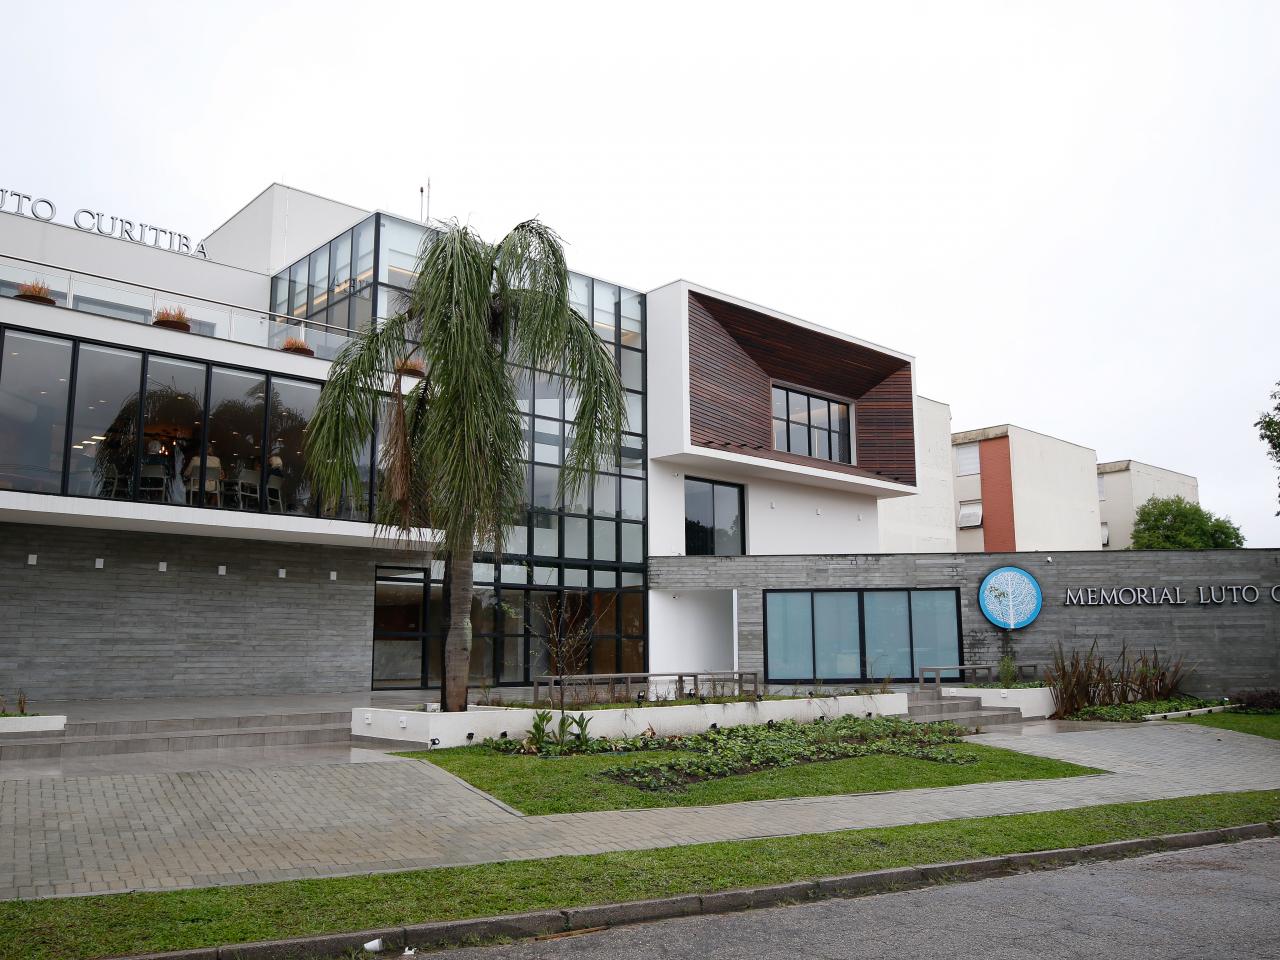 Pandemia transforma luto e 'despedidas' em Curitiba, que ganha novo memorial